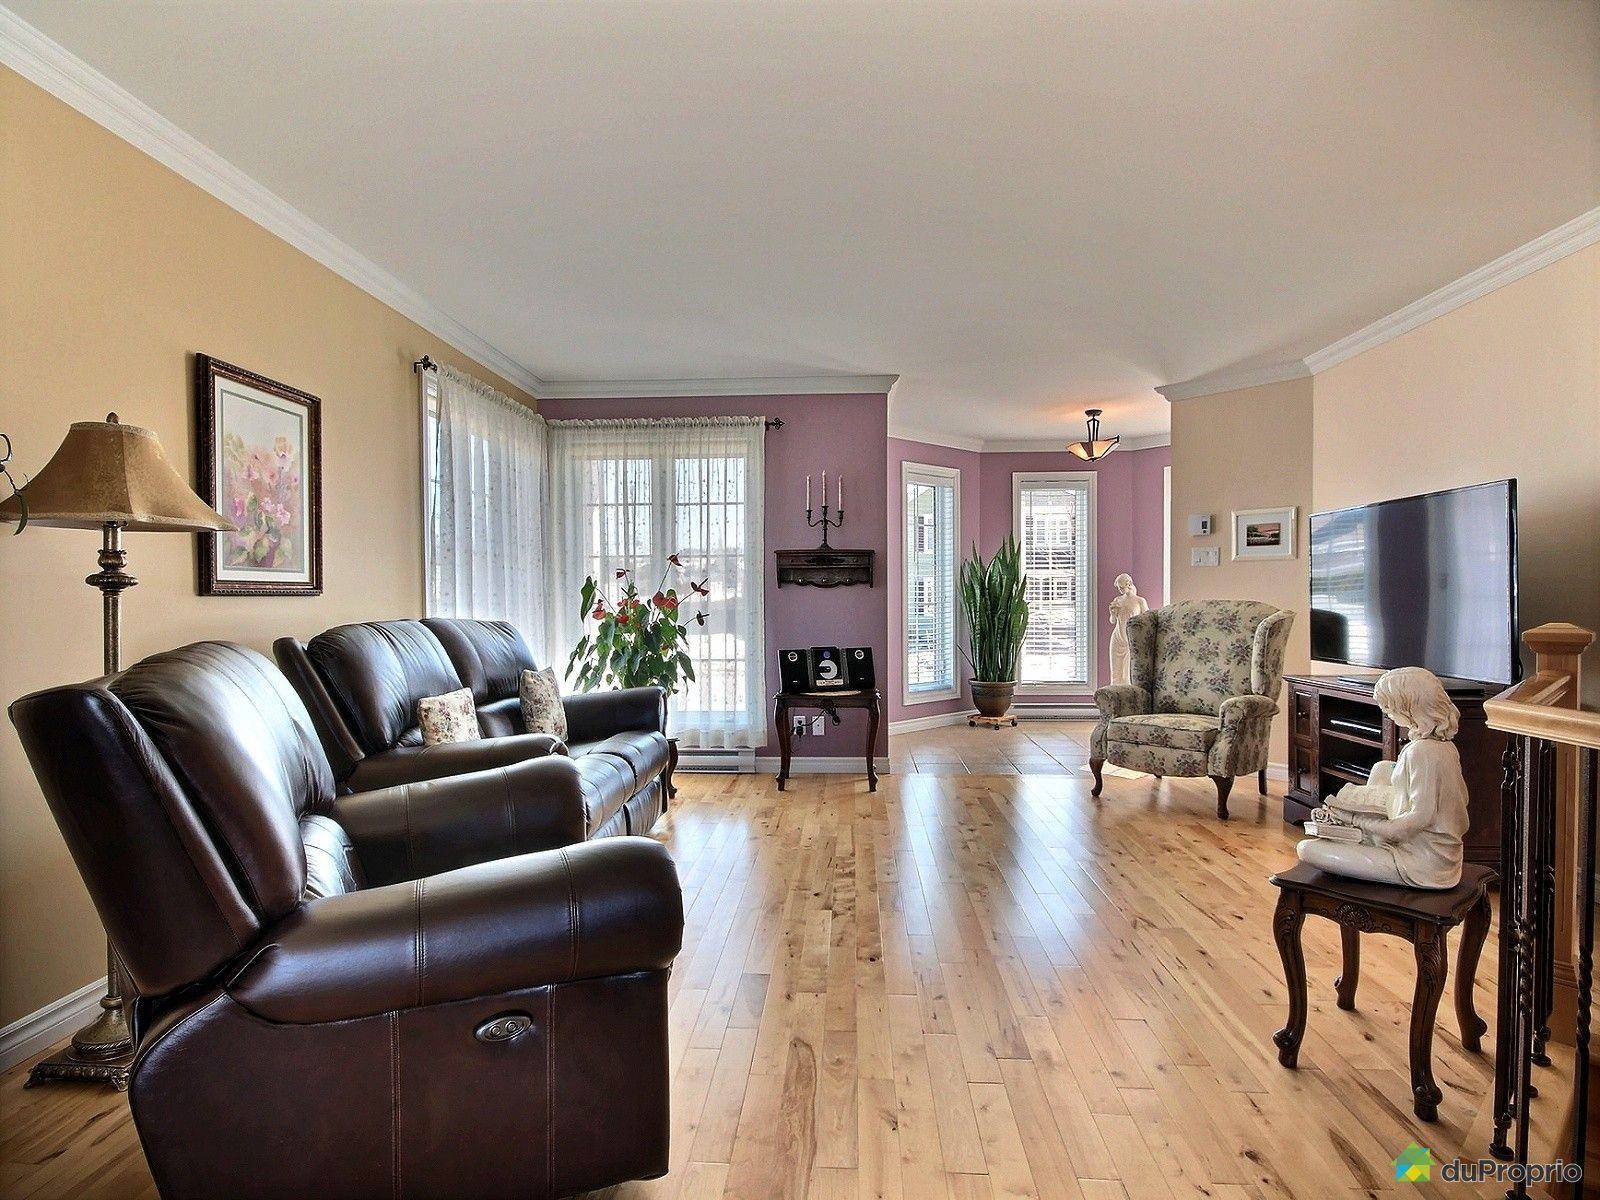 Maison vendre rimouski 100 rue de la paix immobilier for Auberge de la vieille maison rimouski qc